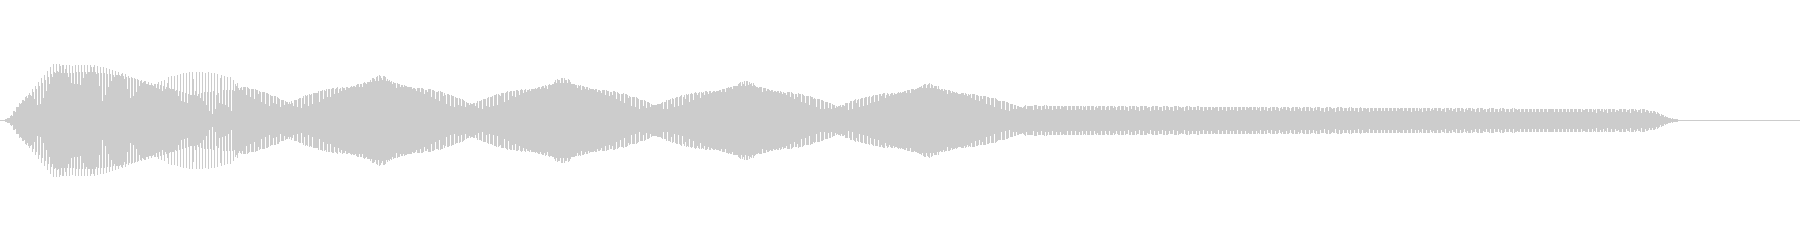 ピコーン(レーザー光線/SF/SNES)の未再生の波形